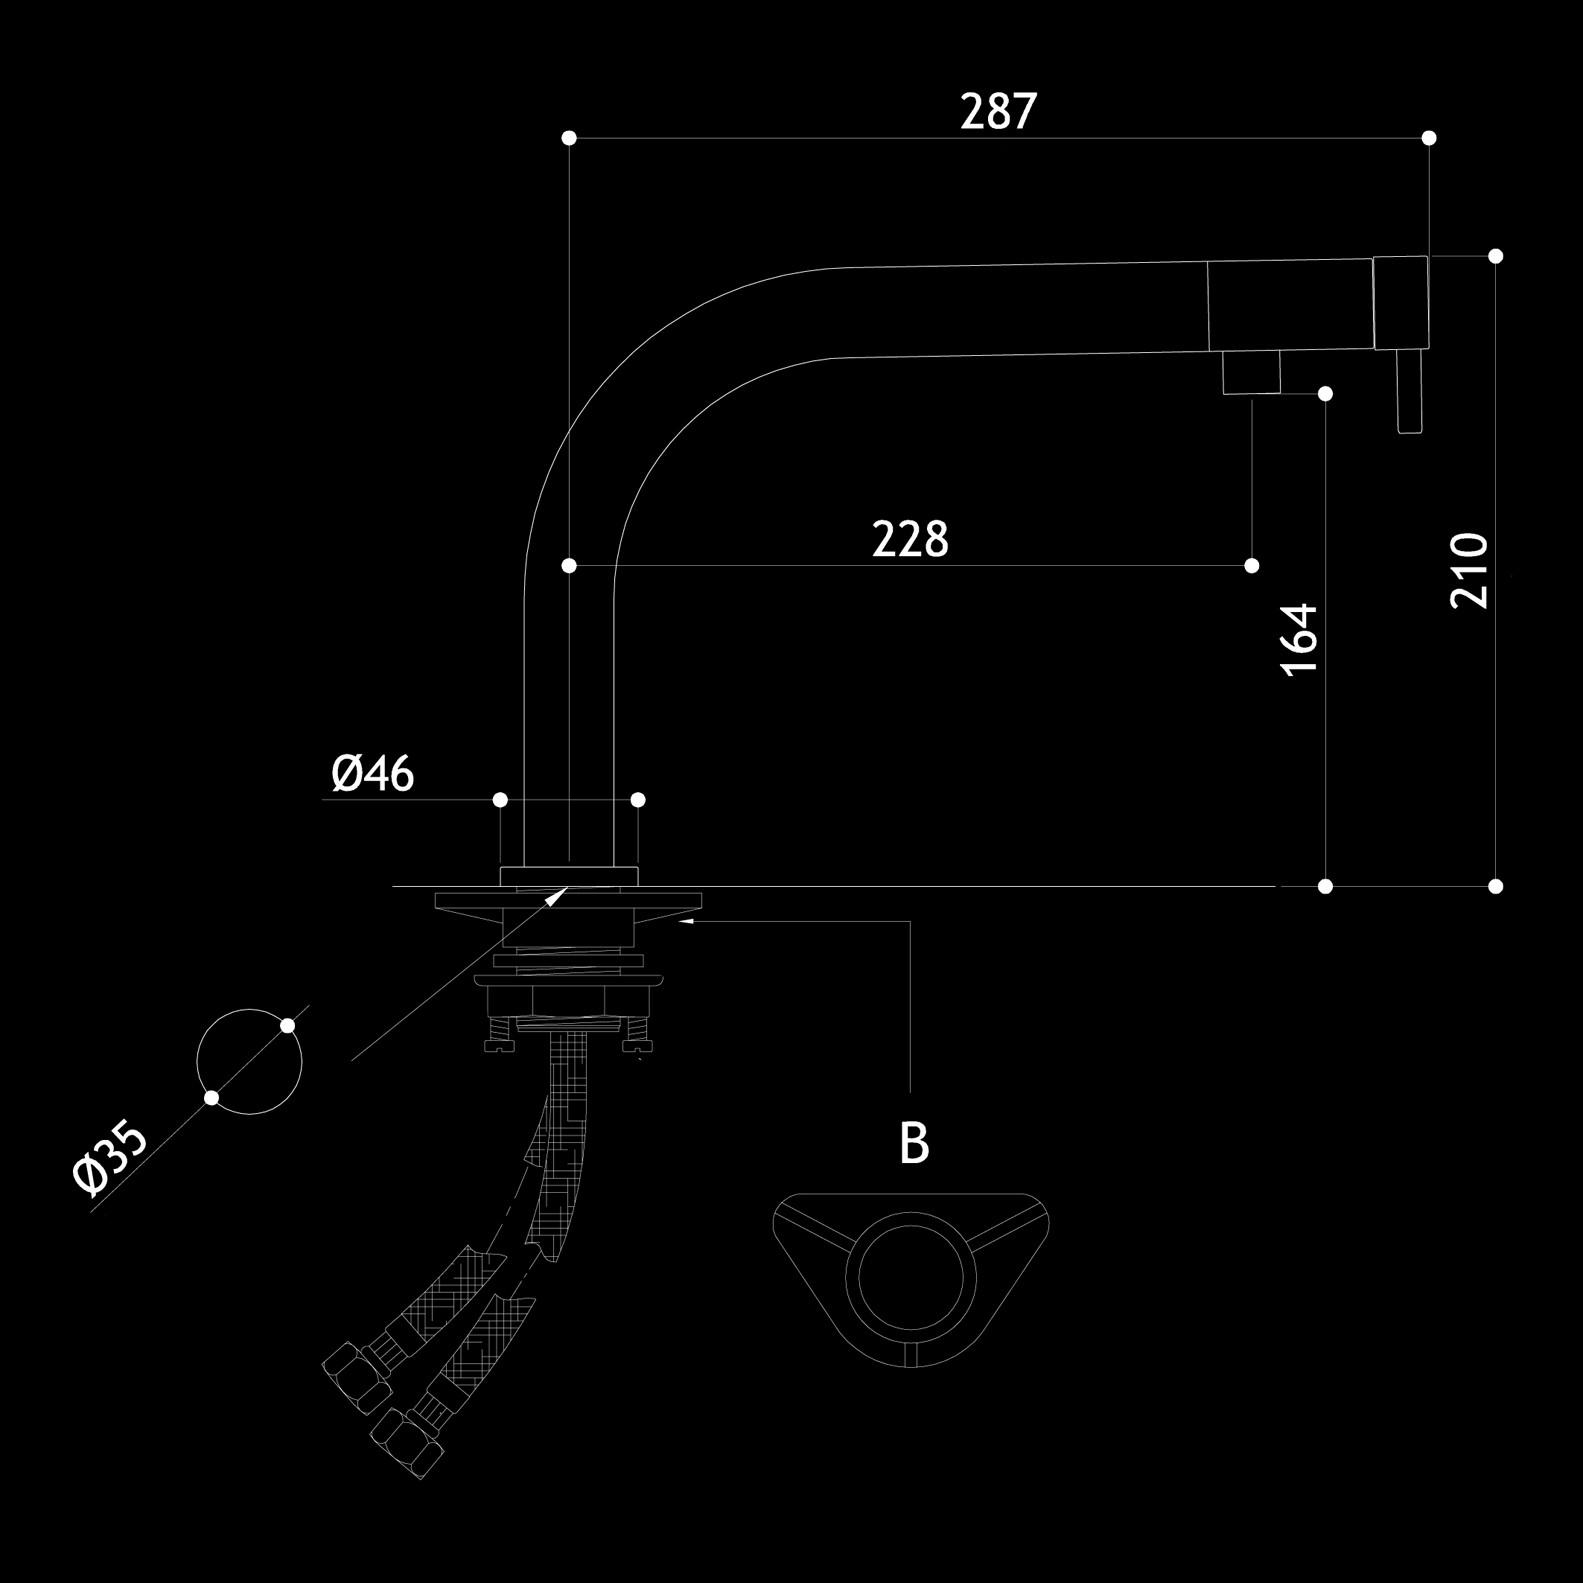 Mgs armaturen sp ltisch einlochgarnitur mgs edelstahl schwarz matt - Mgs armaturen ...